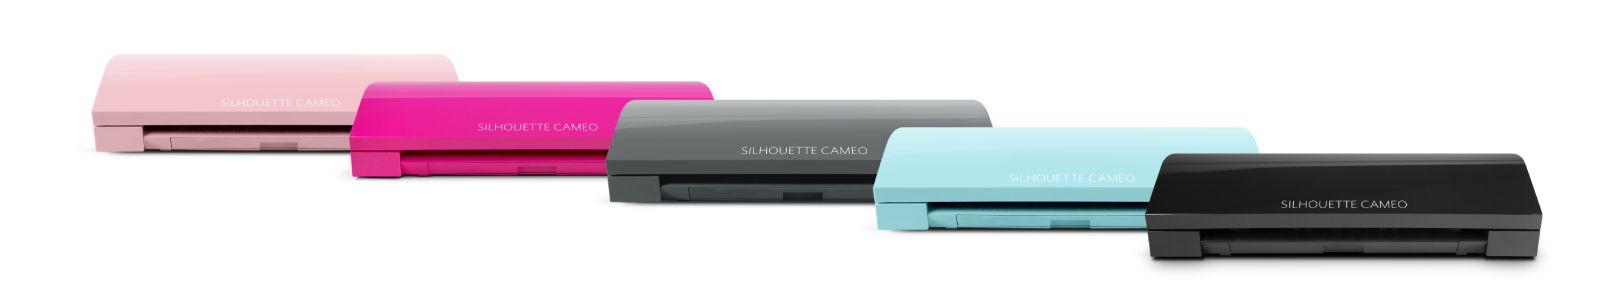 Silhouette Cameo 3 szines változatok 5 féle színben